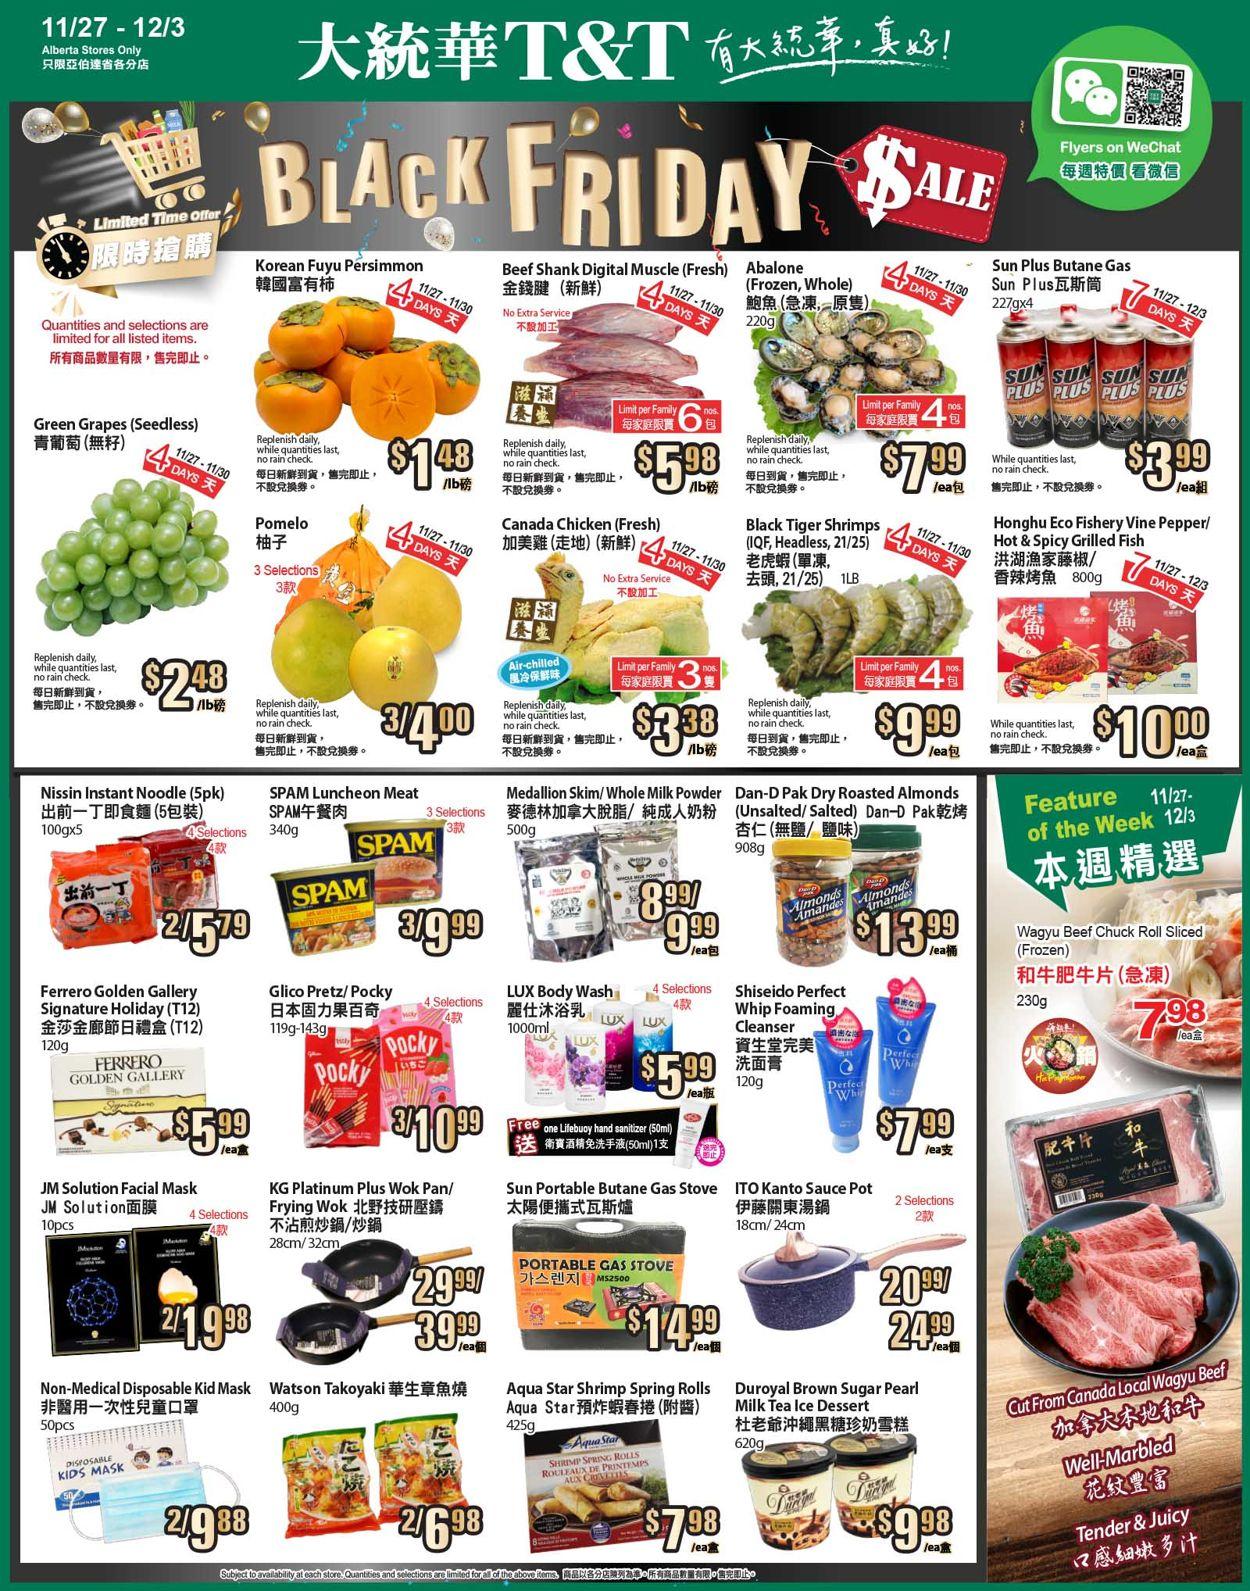 T&T Supermarket Black Friday 2020 - Alberta Flyer - 11/27-12/03/2020